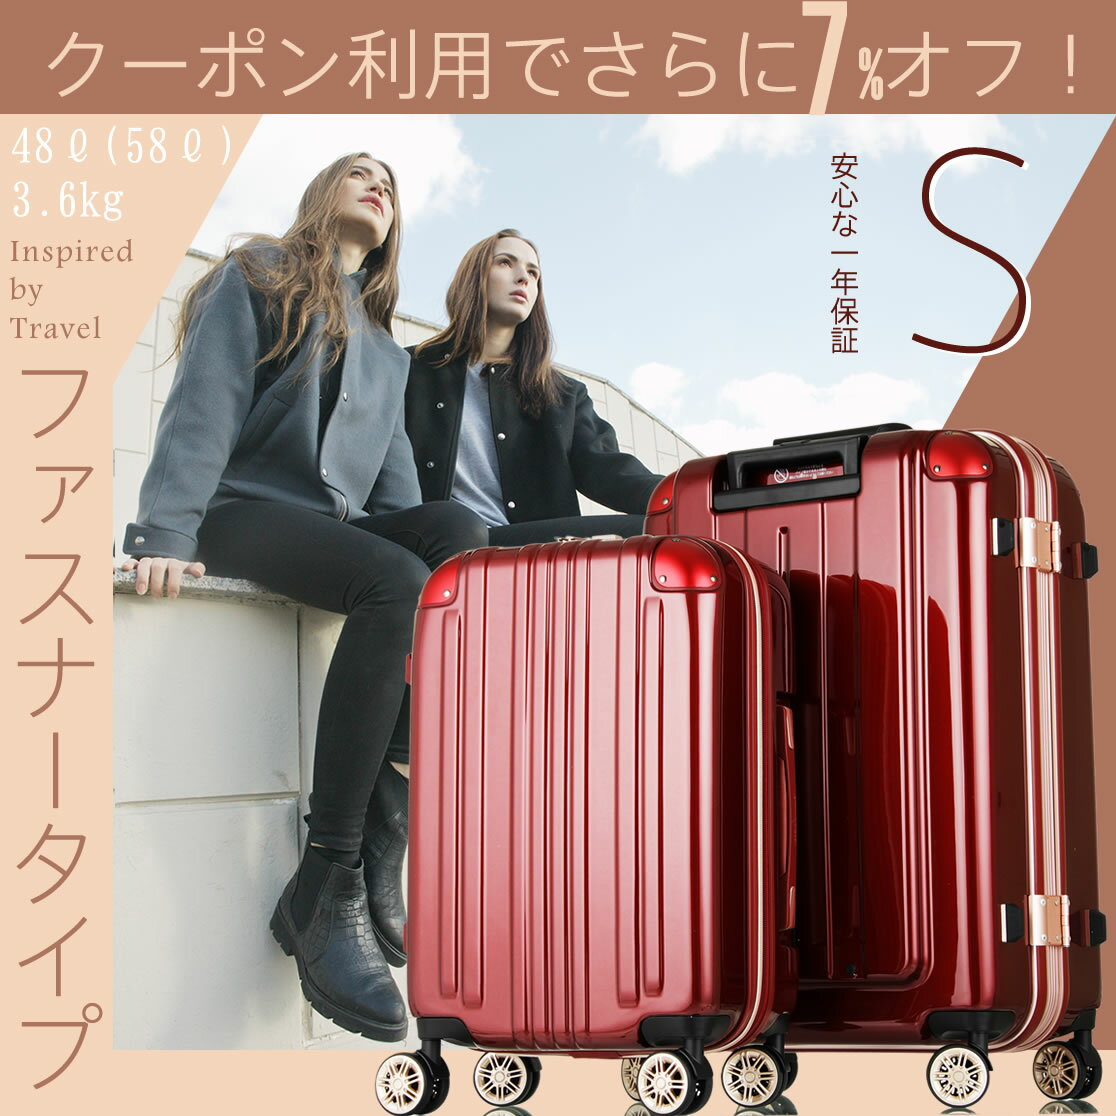 スーツケース キャリーバッグ キャリーバック キャリーケース 小型 S サイズ 3日 4日 5日 容量拡張機能搭載 ダブルキャスター メーカー1年修理保証 LEGEND WALKER レジェンドウォーカー 『5122-55』